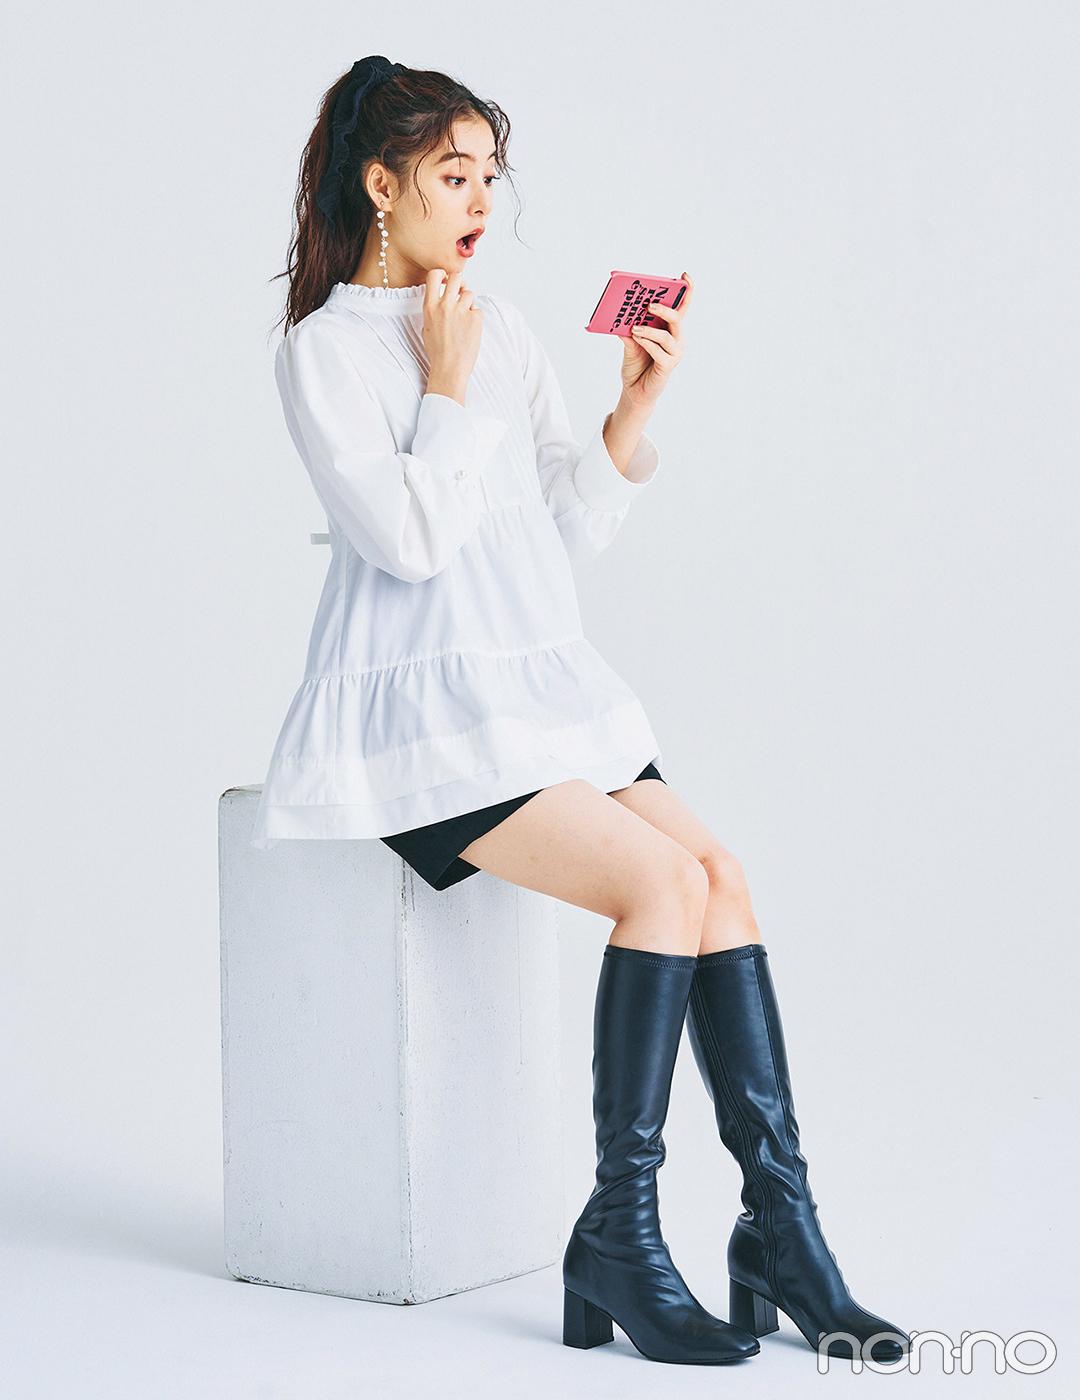 新木優子はボリュームブラウスで大人の可愛げスタイル♡【毎日コーデ】